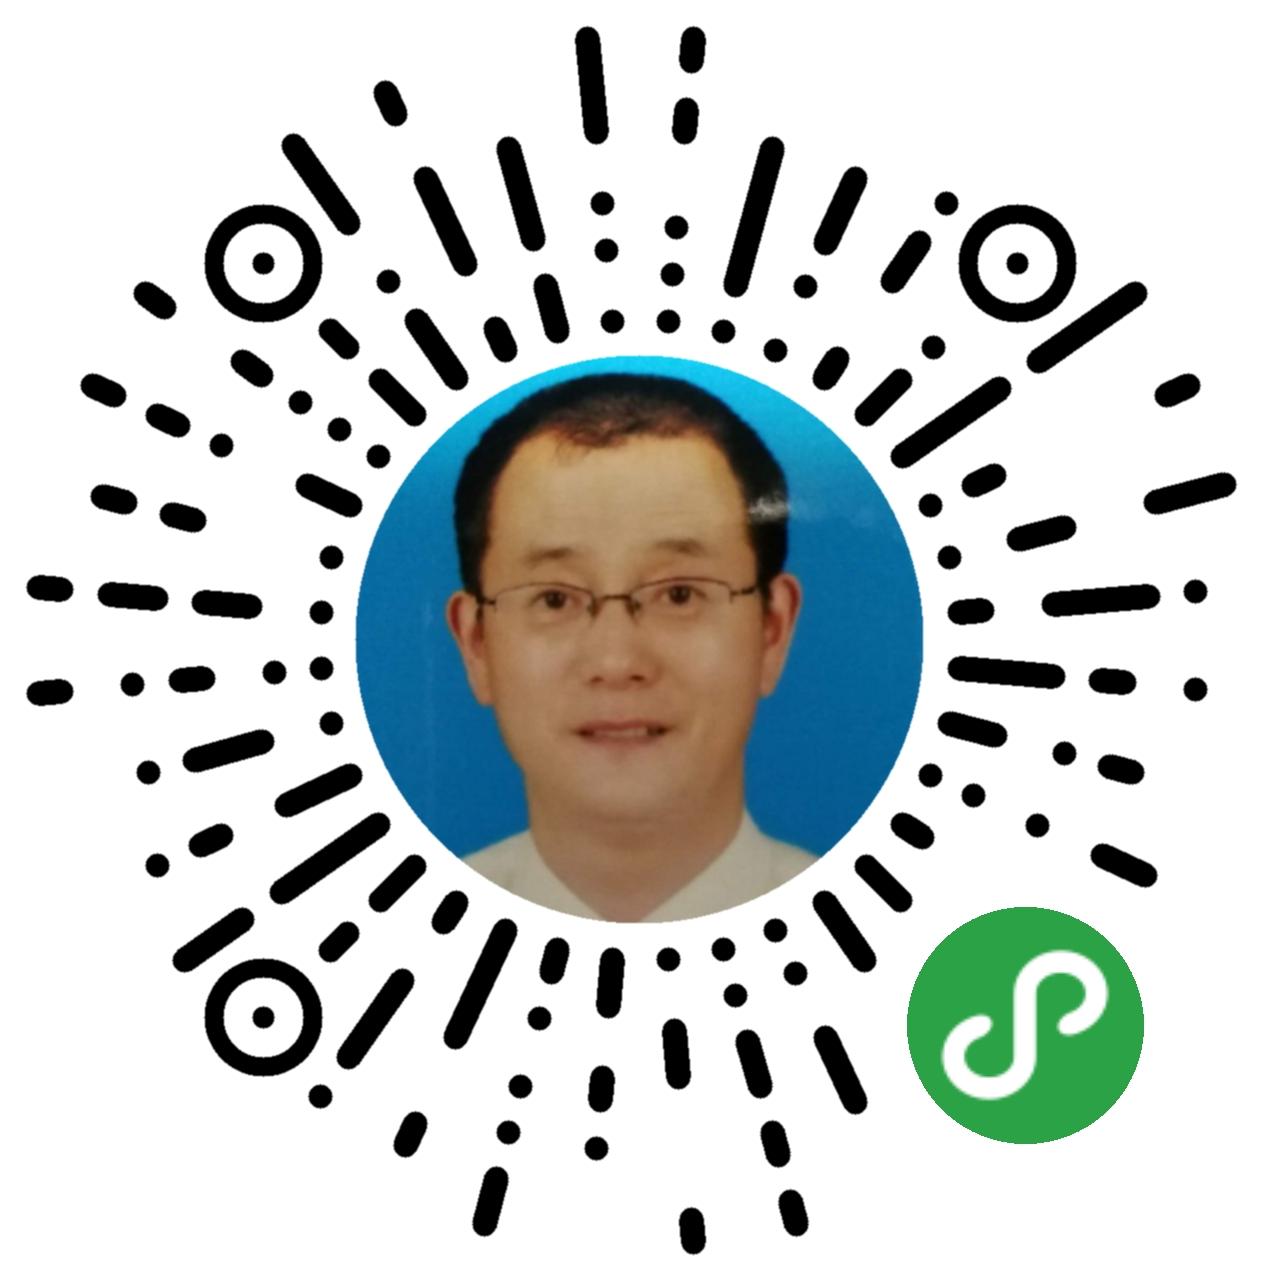 扬州高邮律师张曙小程序二维码